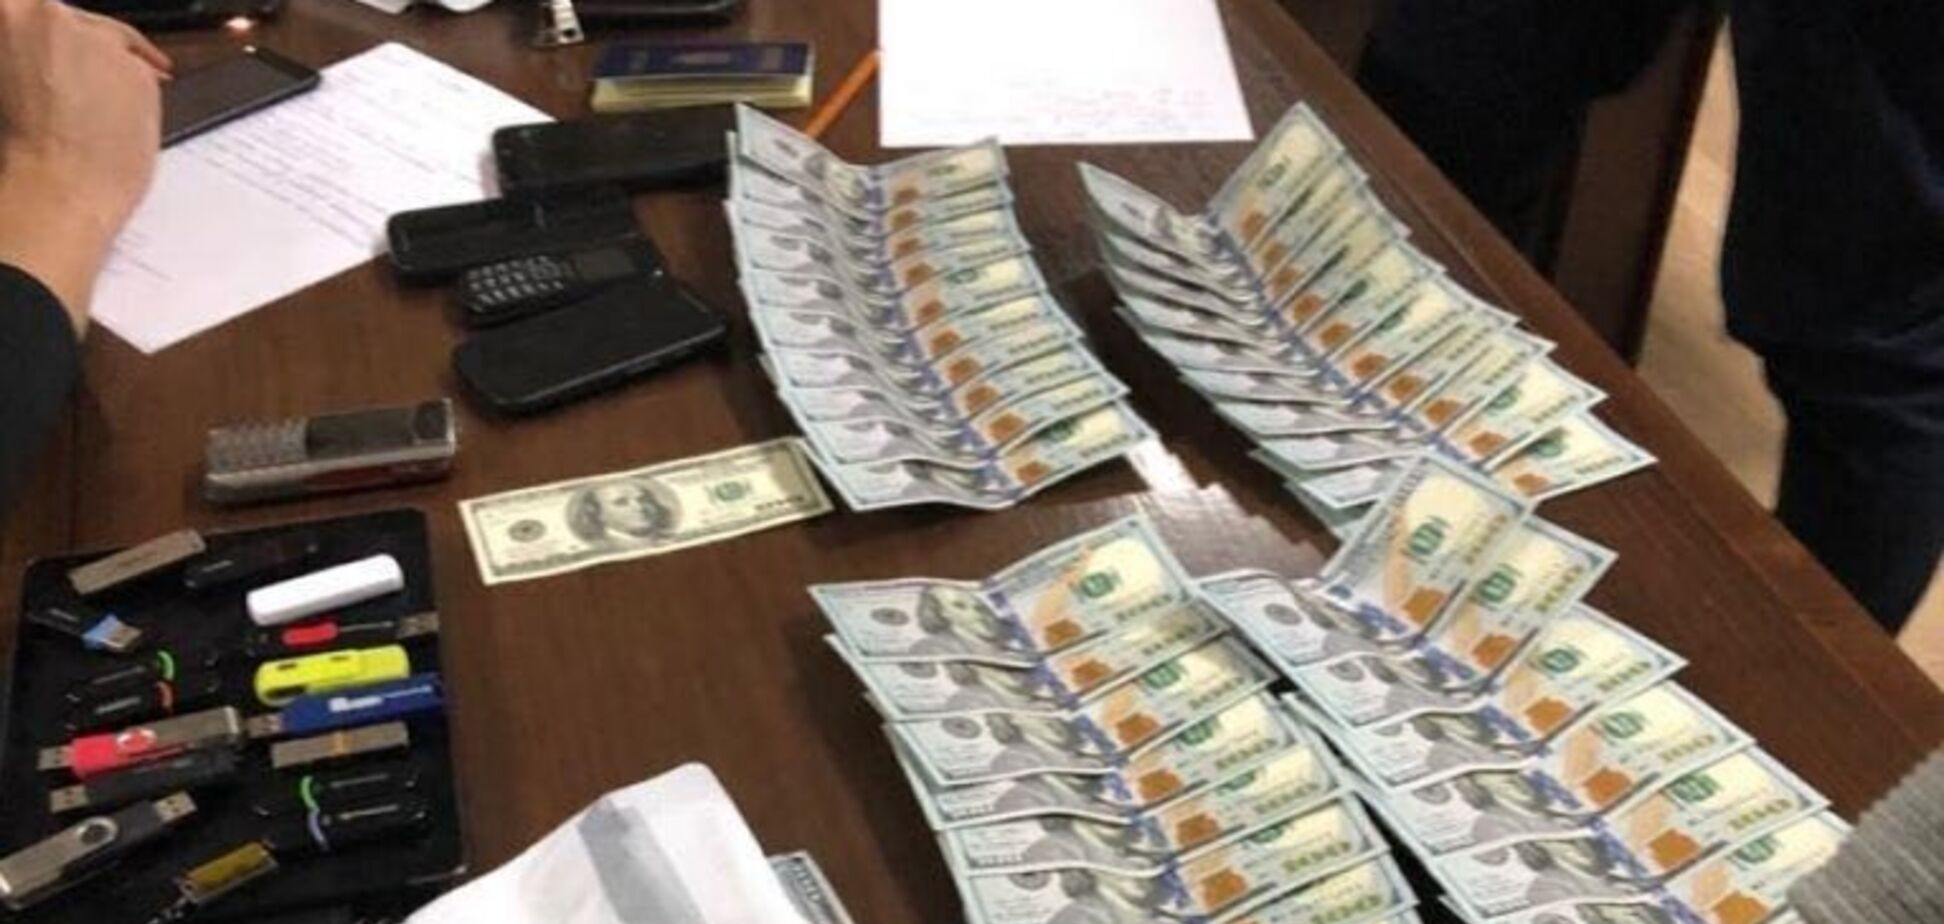 НАБУ задержало 'кума' главы ГБР на крупной взятке: все подробности